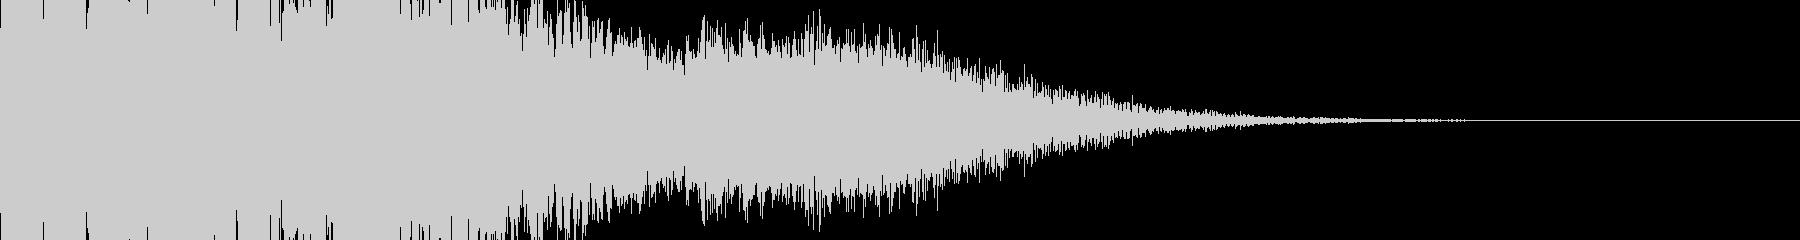 パチンコ 成功時 チャンスアップ系電子音の未再生の波形